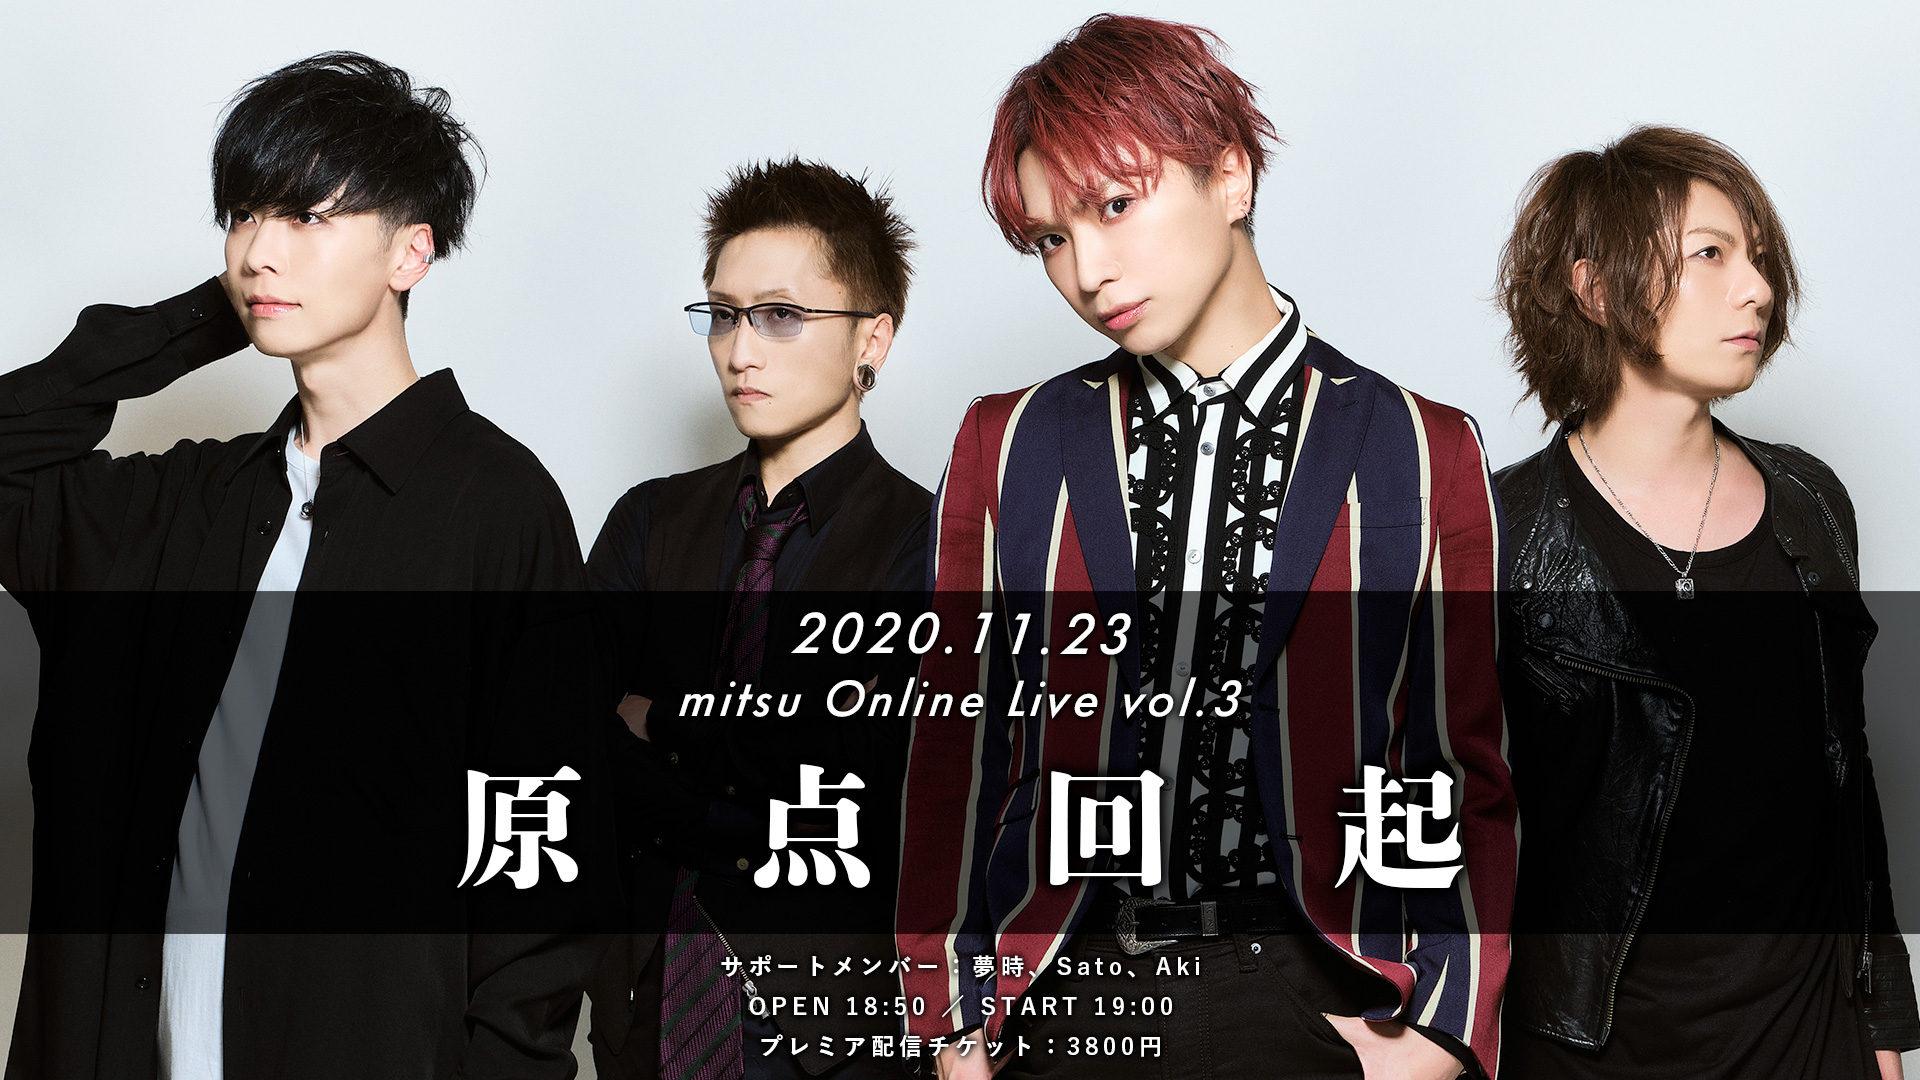 mitsu20201123_告知FIX2.jpg